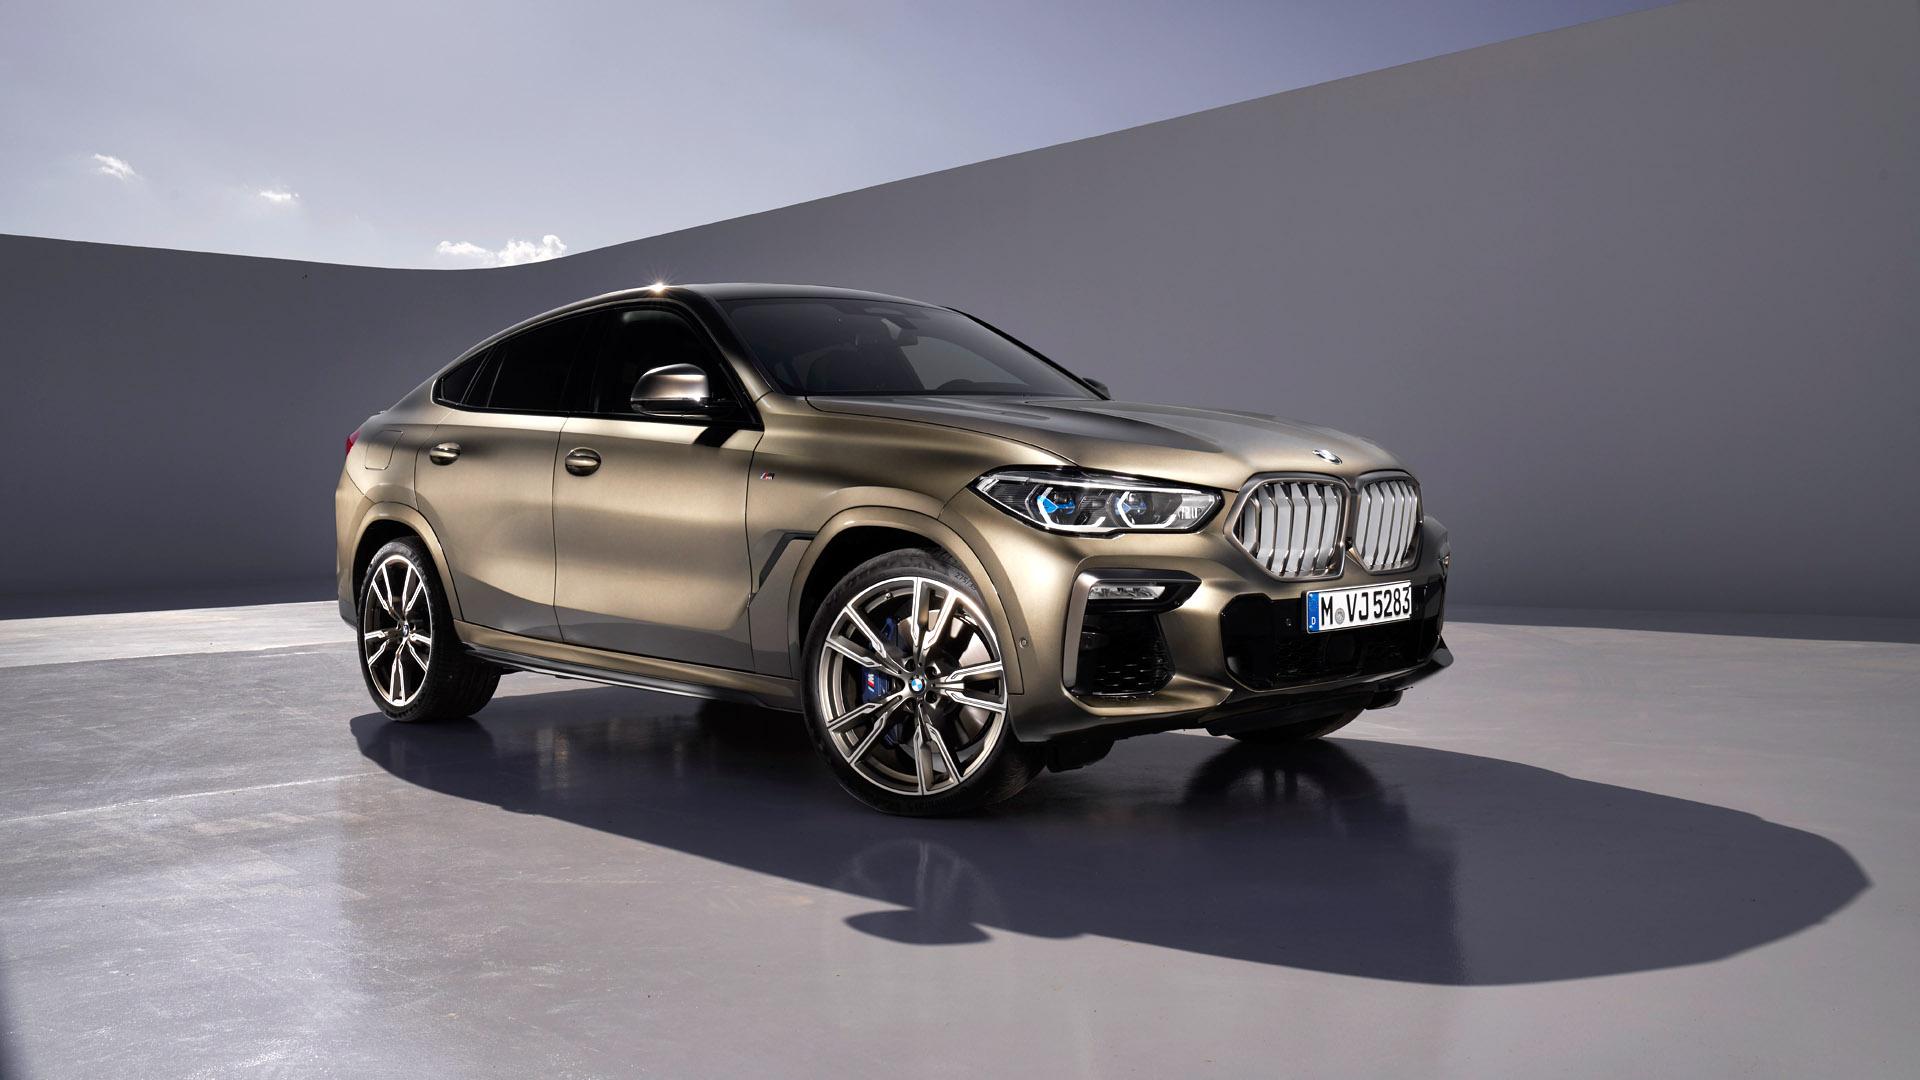 El nuevo BMW X6 se pone al día